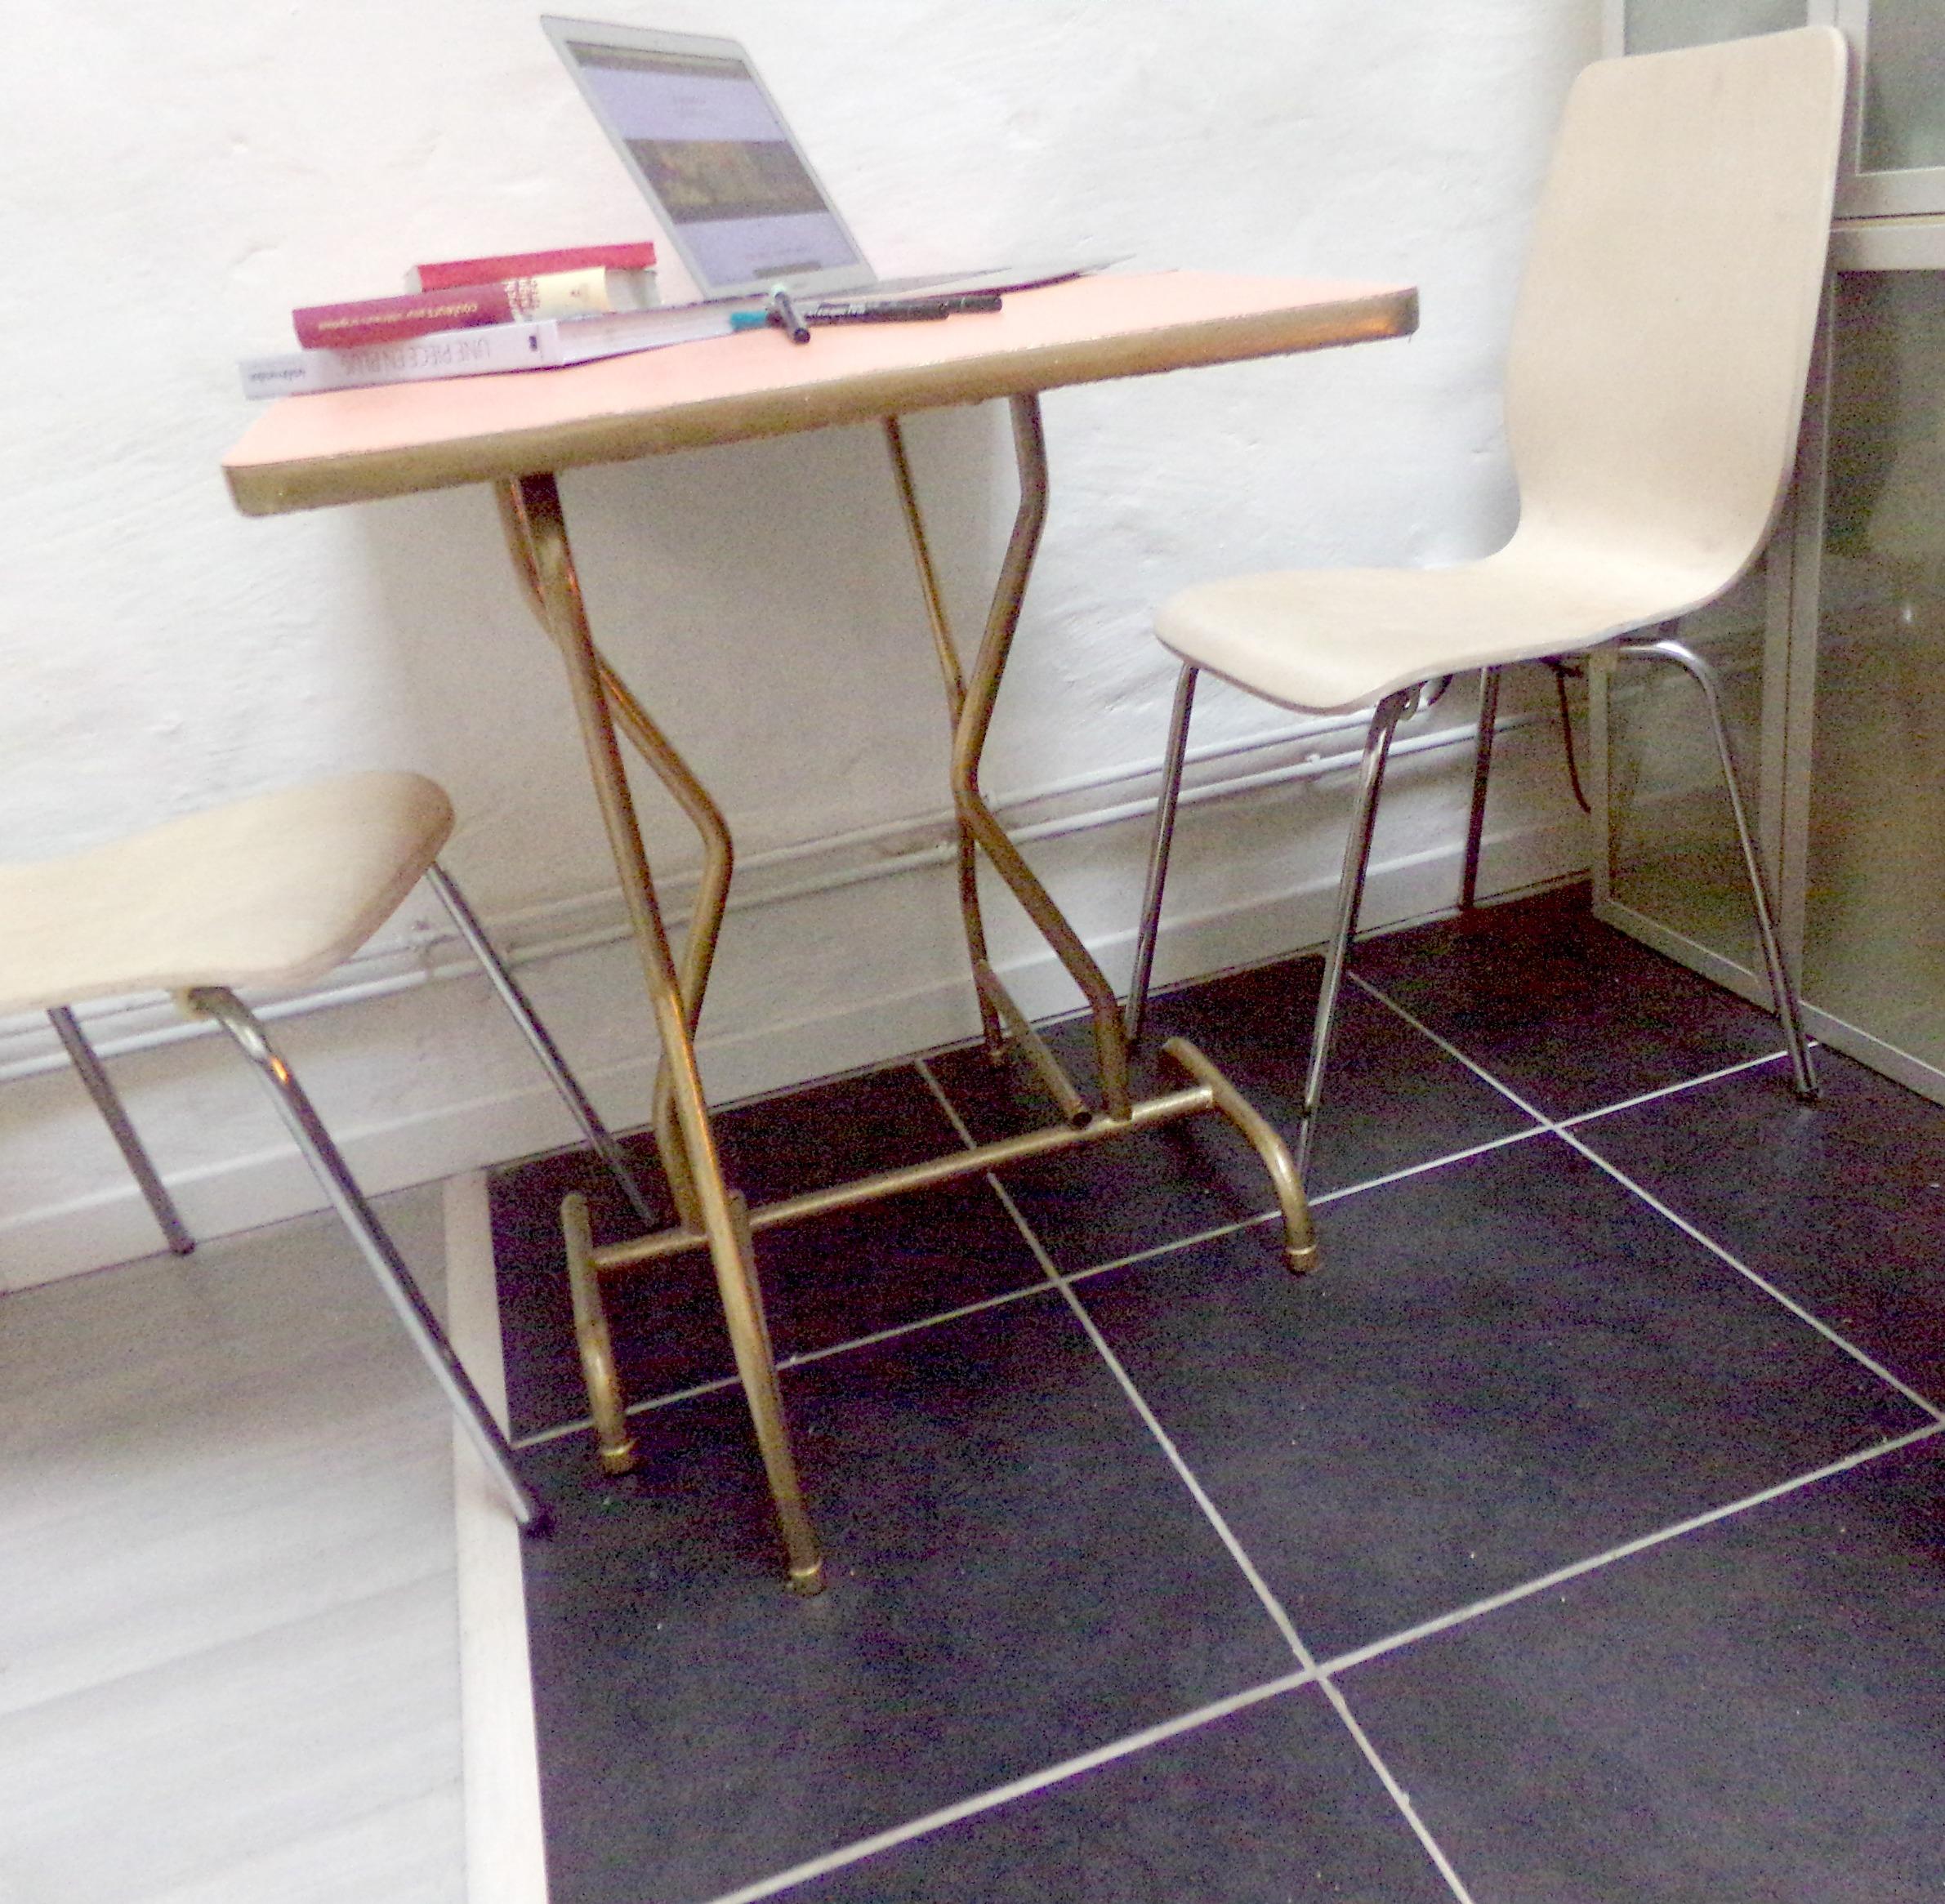 D couverte sintopeinture pour relooker une vieille table - Peinture pour table plastique ...